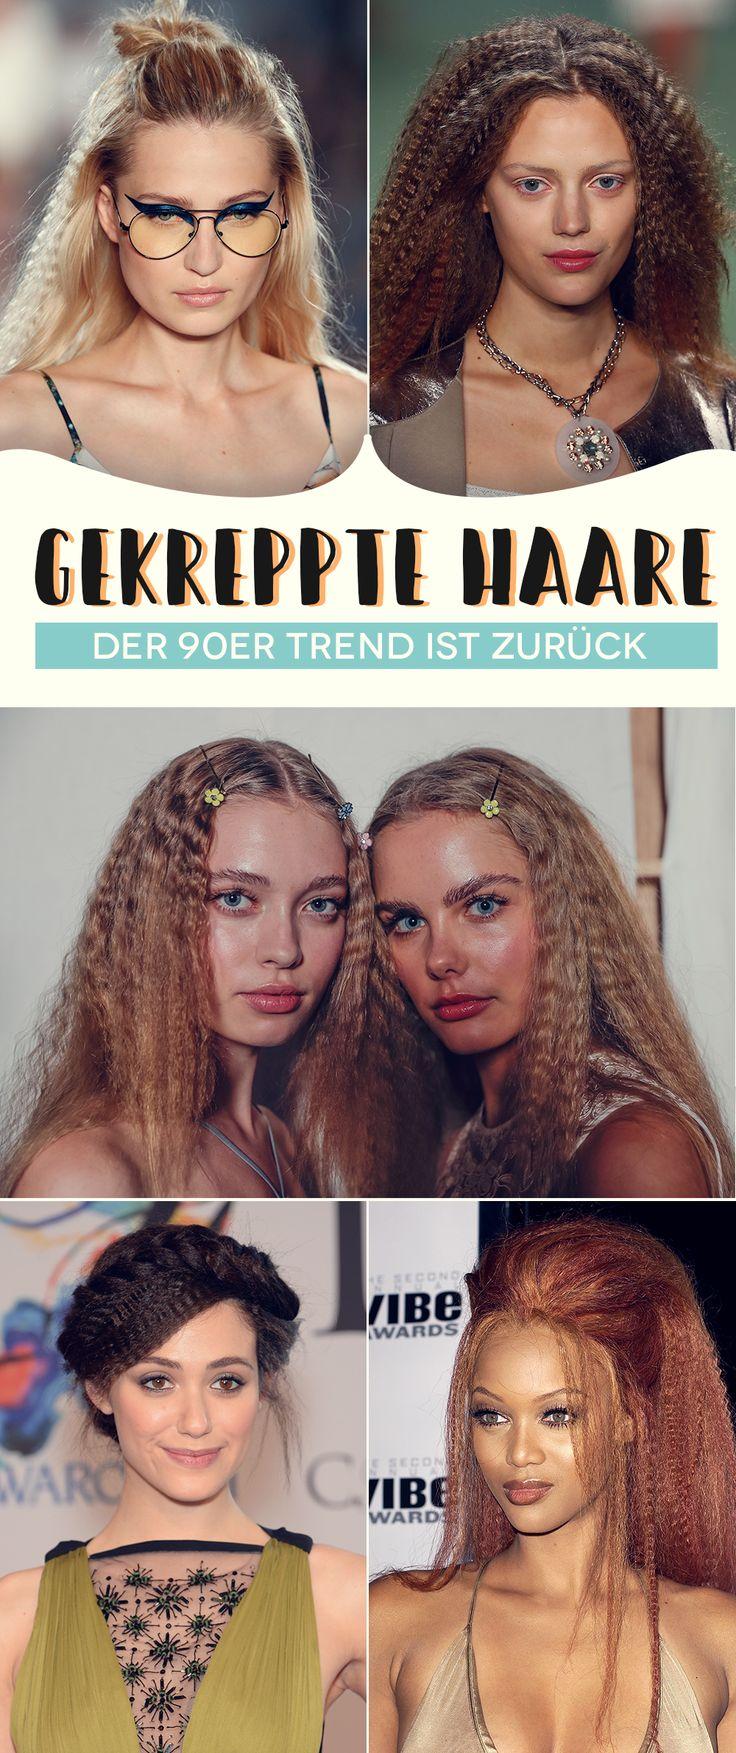 Der Haartrend der 90er Jahre ist wieder da: Krepphaare. Wie es jetzt zu stylen! – Haare – Alles für eine gesunde Mähne